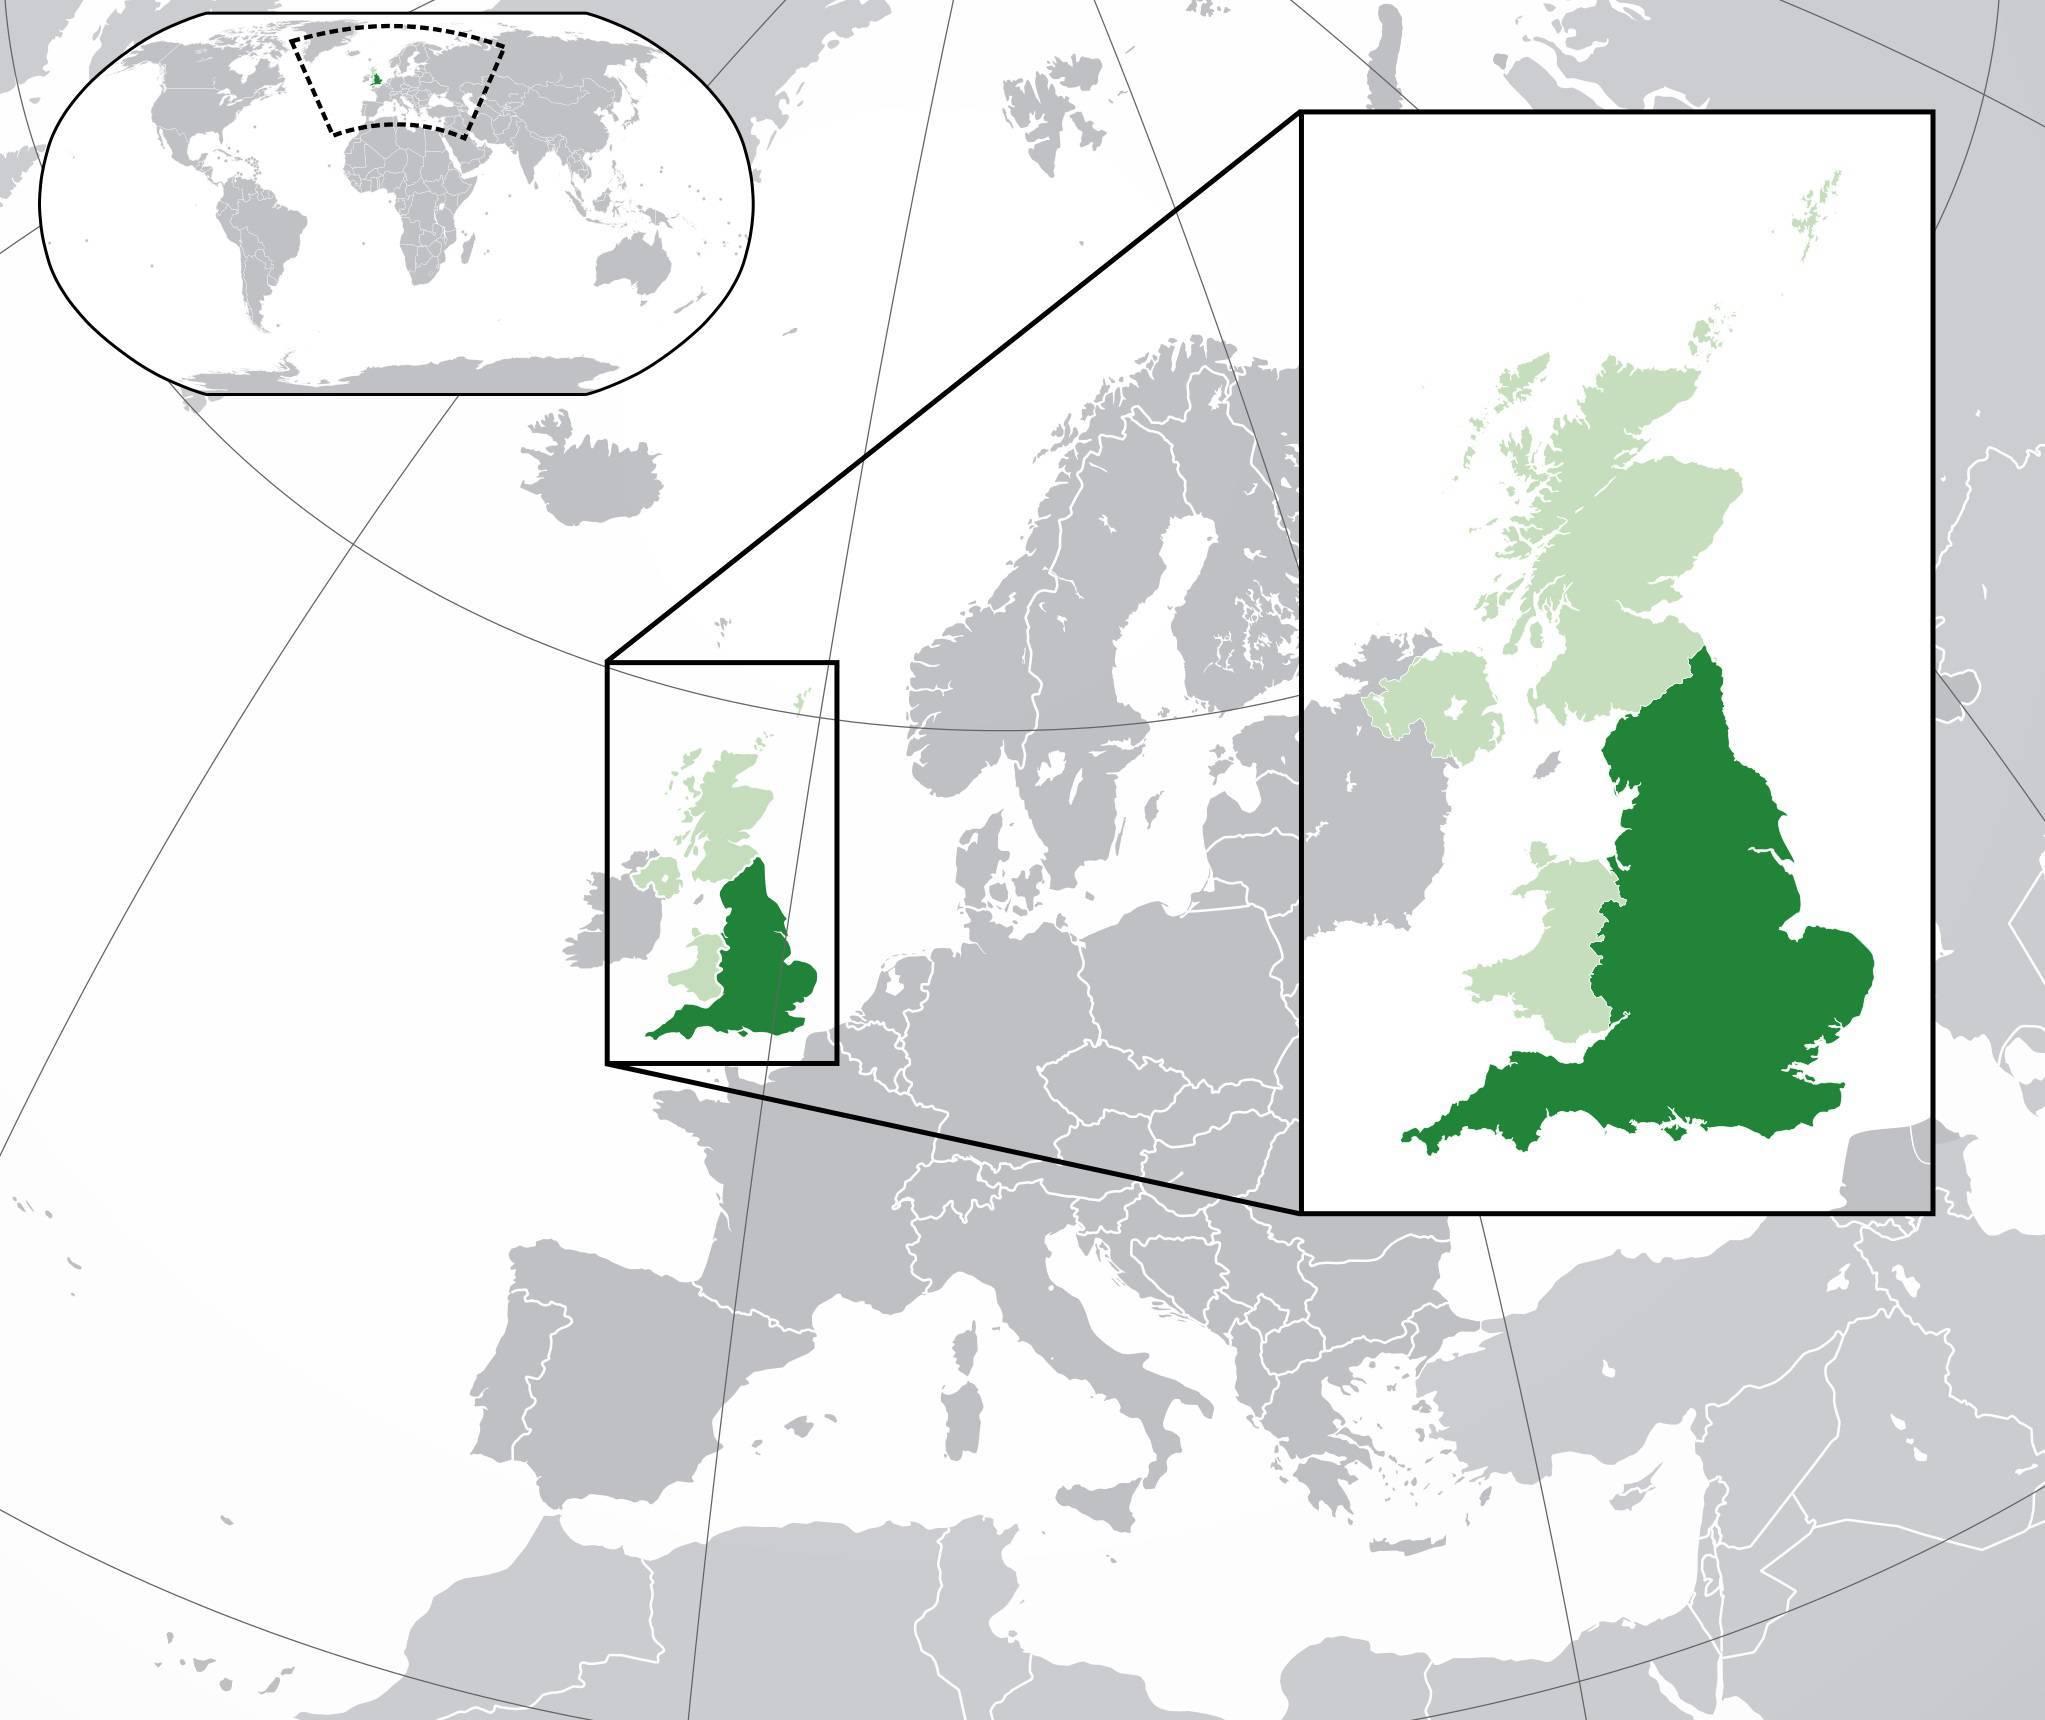 Angleterre sur une carte de l'Europe